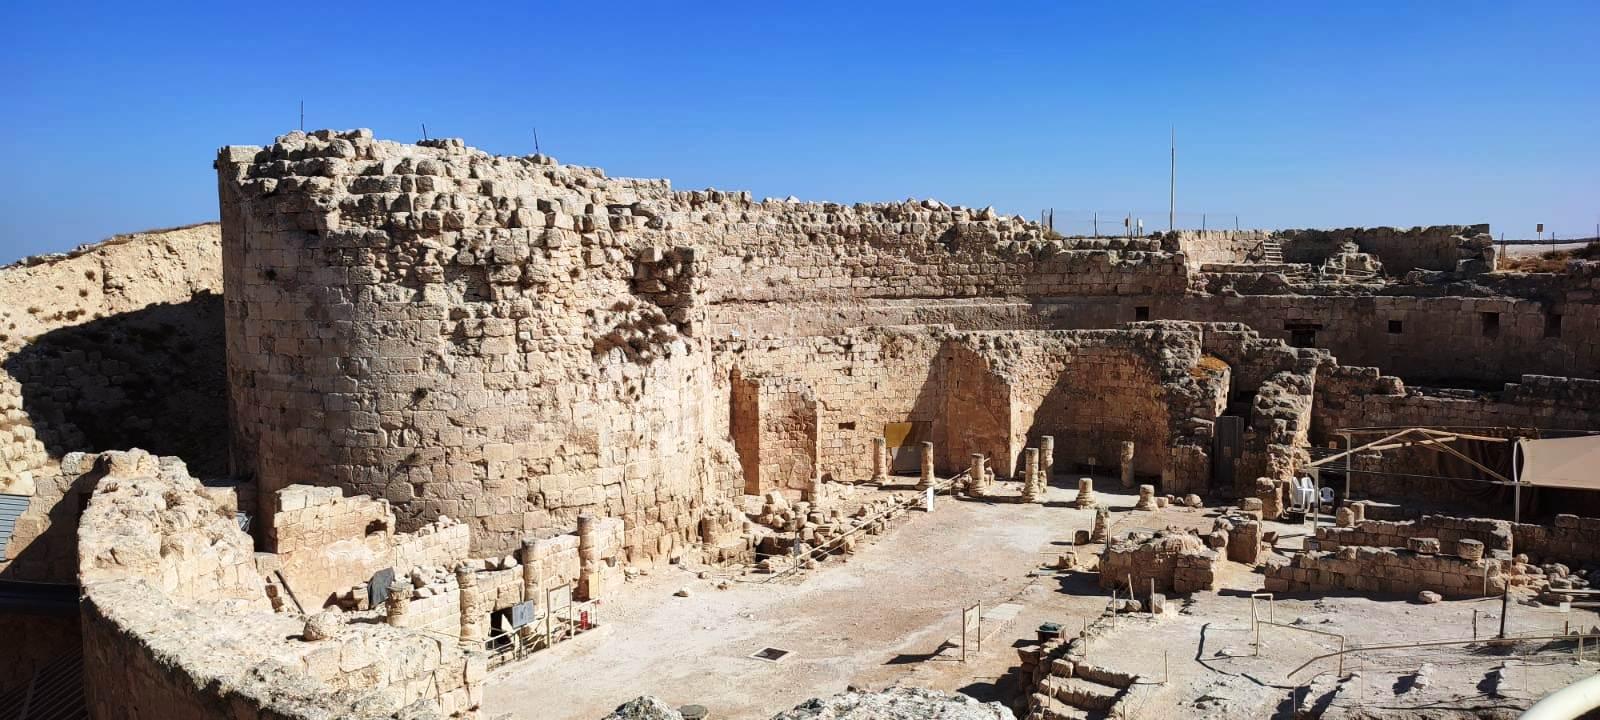 03. Развалины крепости-дворца и главный двор